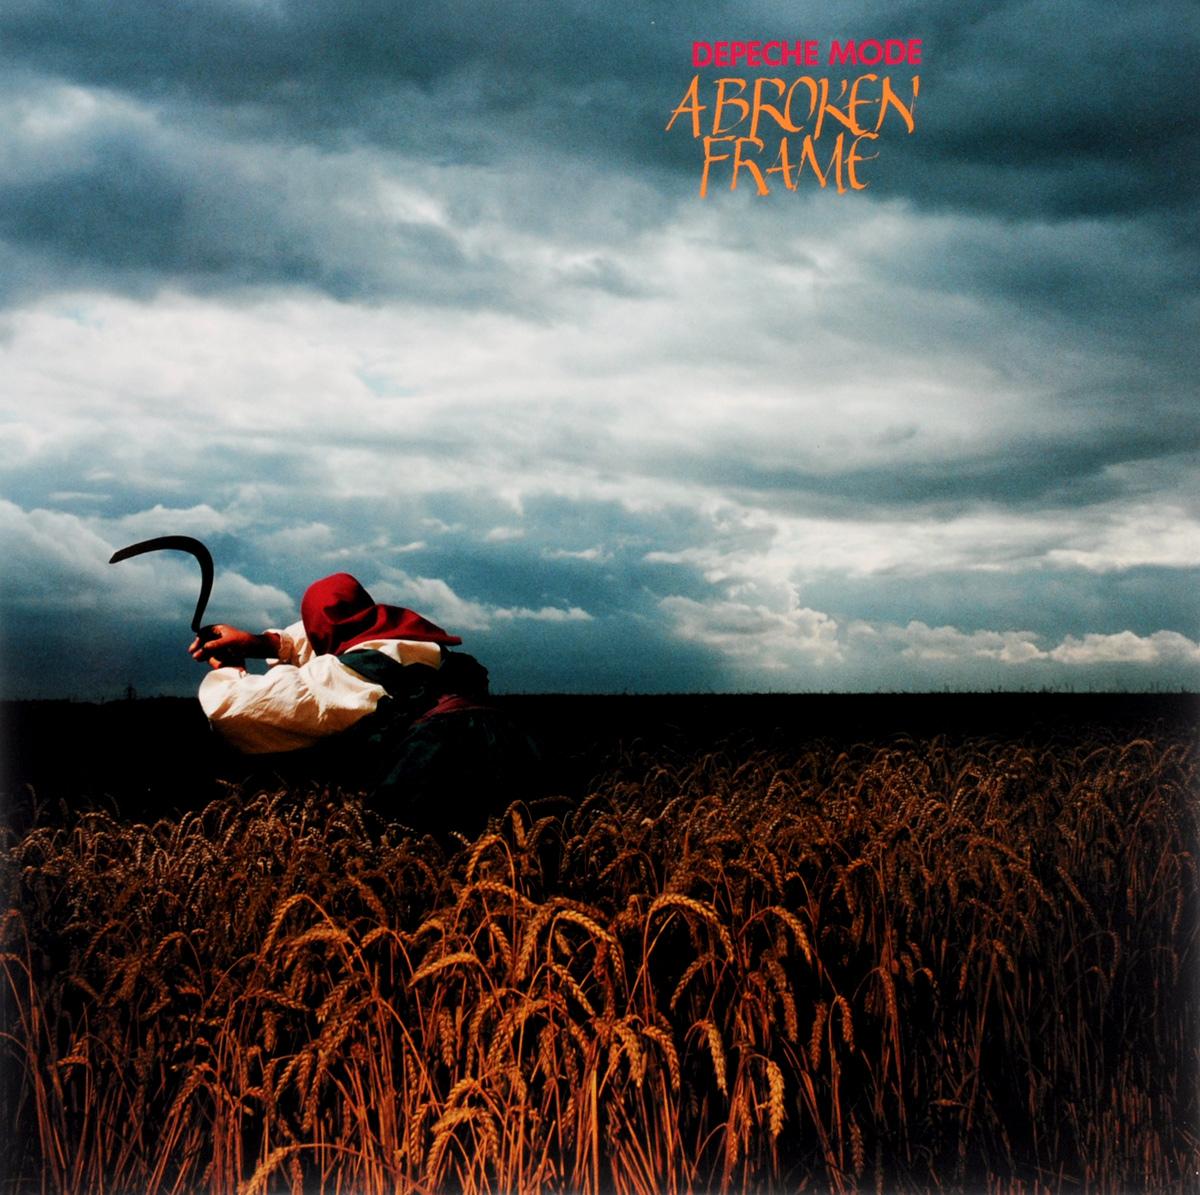 цена на Depeche Mode Depeche Mode. A Broken Frame (LP)